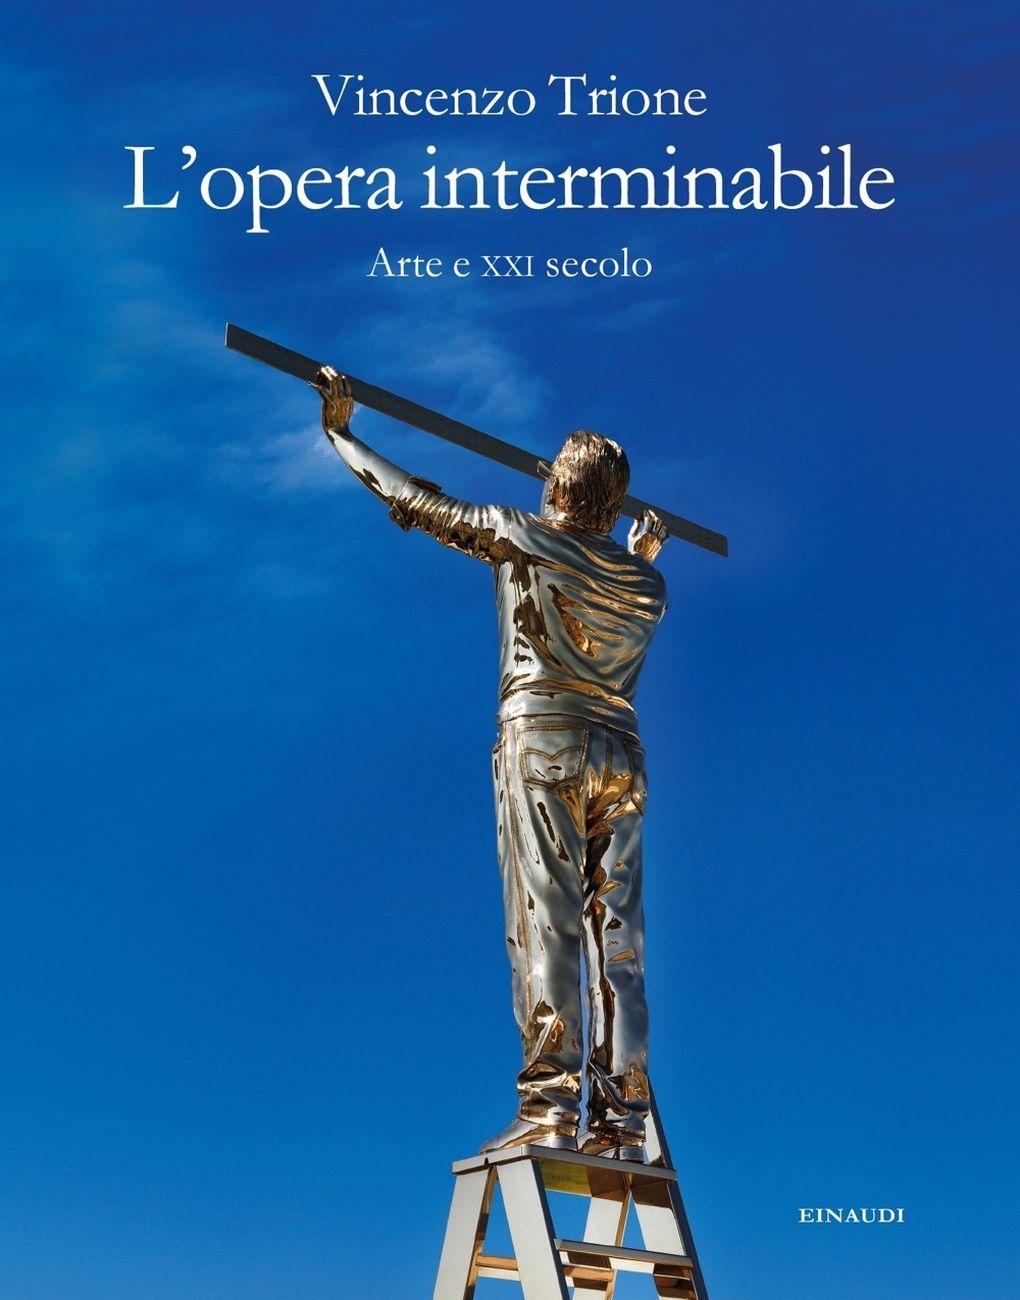 Vincenzo Trione – L'opera interminabile. Arte e XXI secolo (Einaudi, Torino 2019)